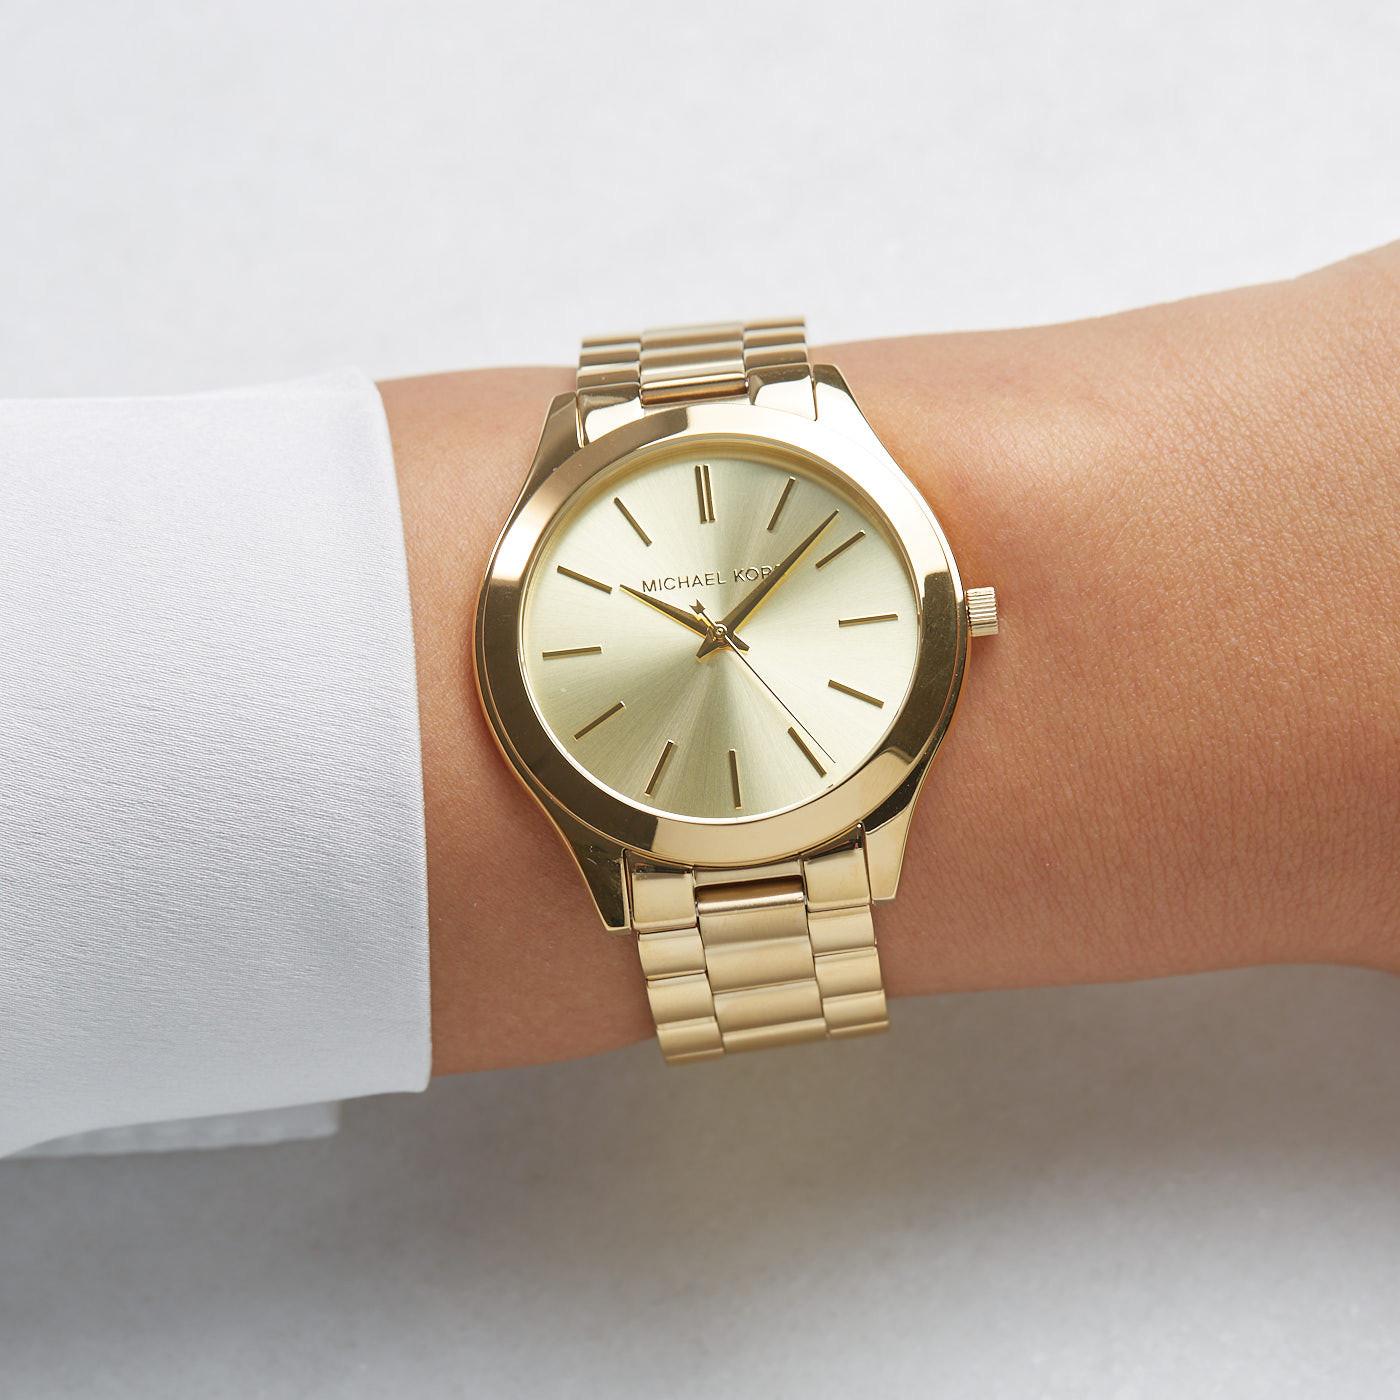 Michael Kors Slim Runway horloge MK3179